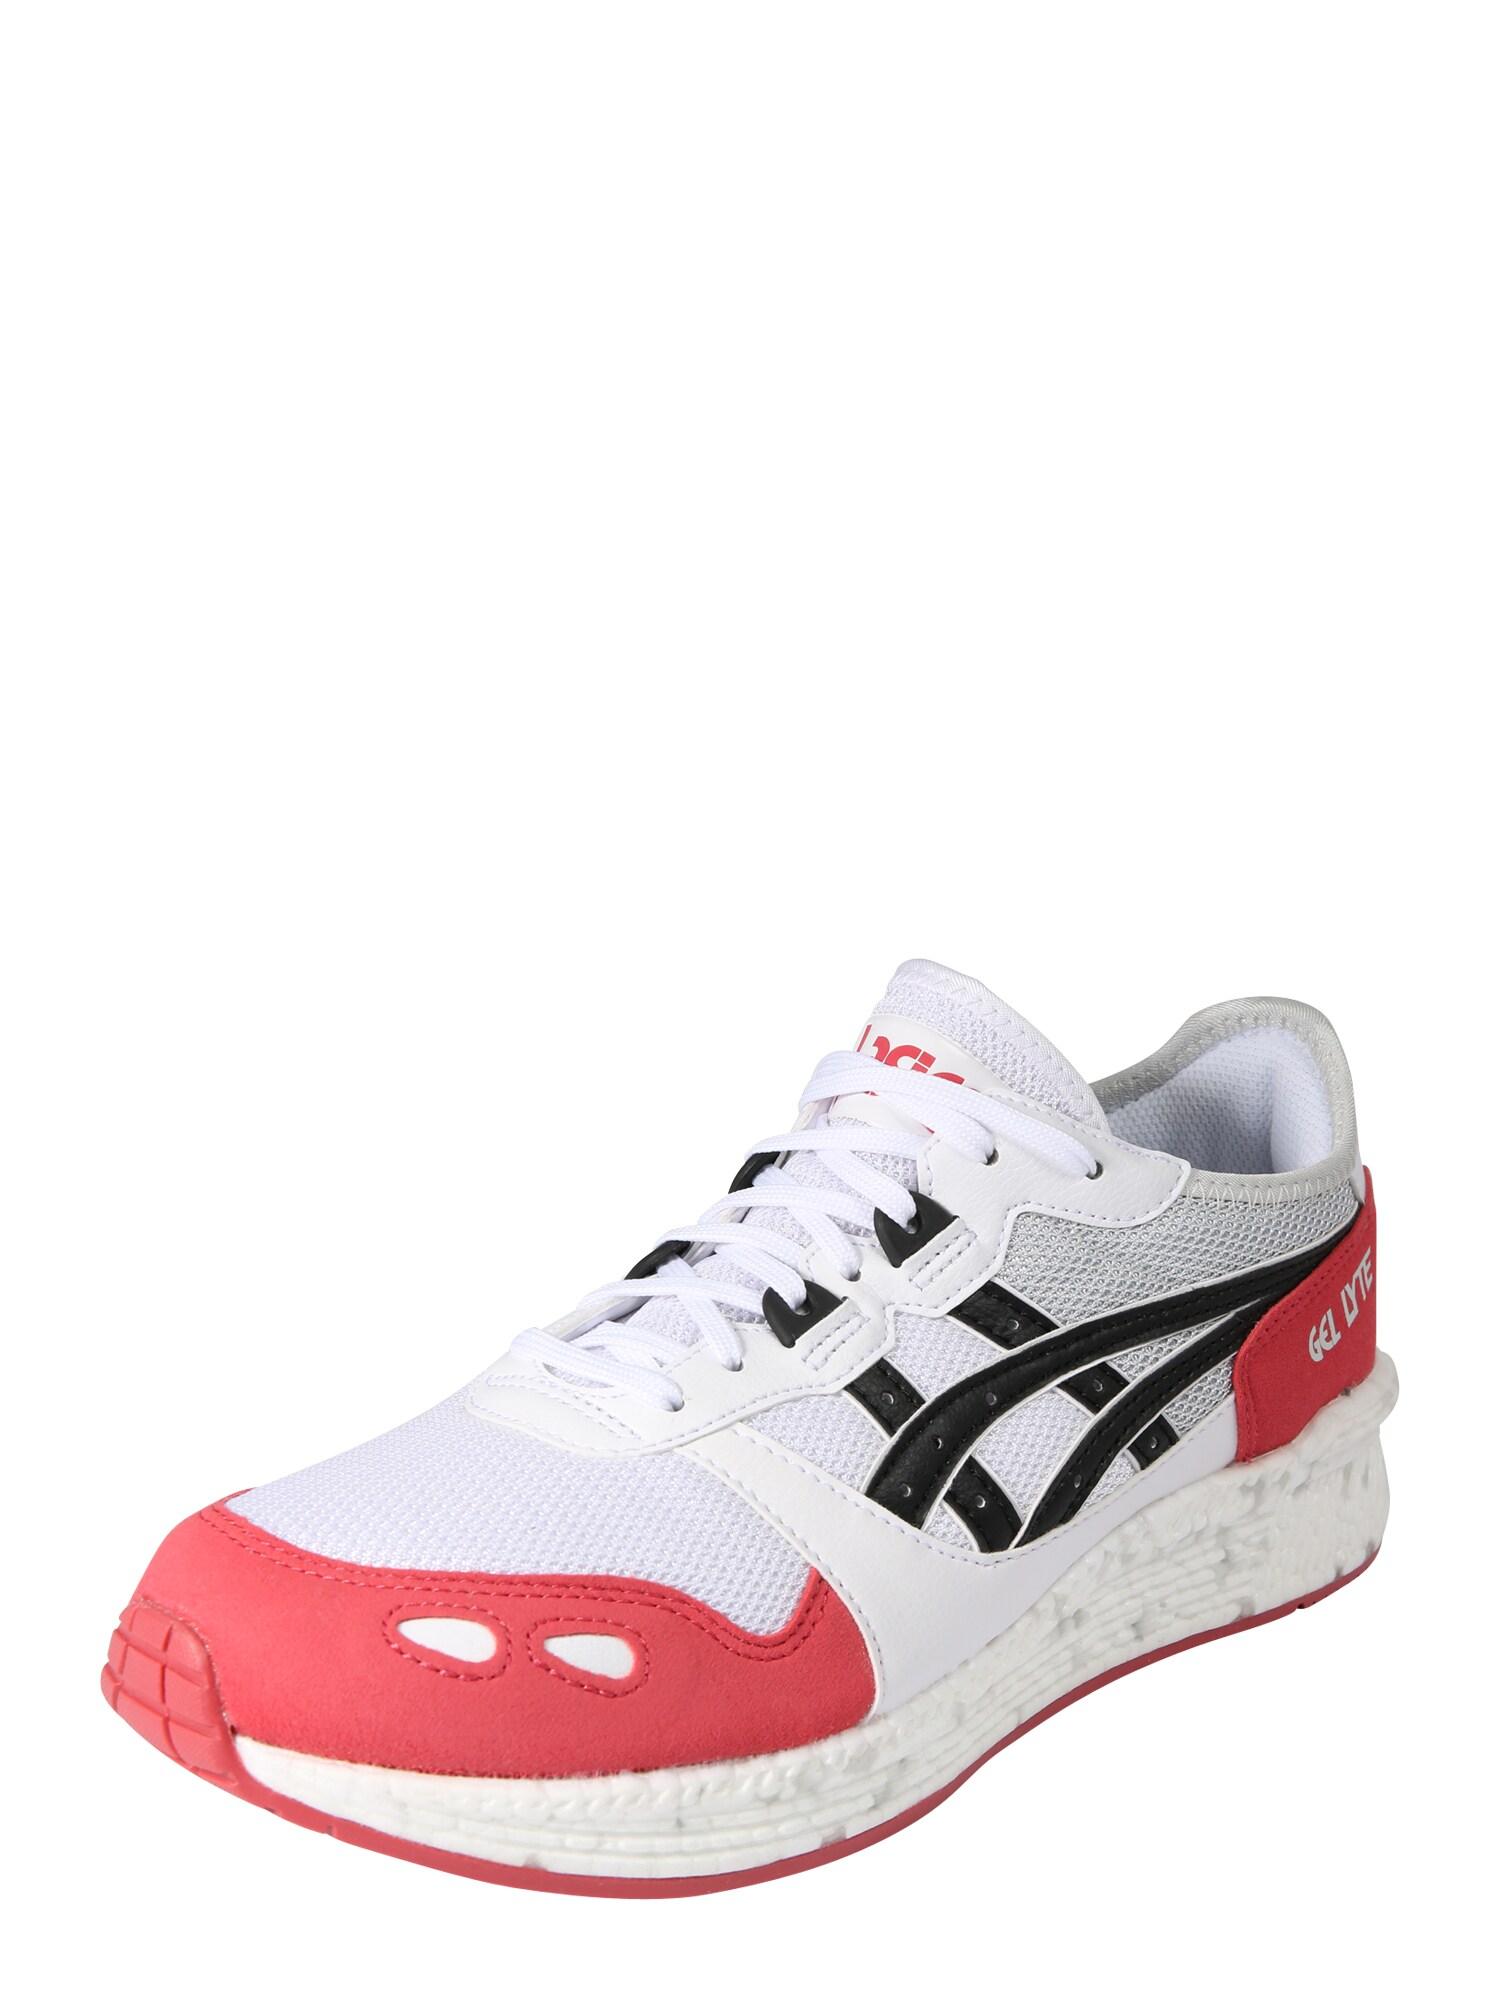 Tenisky HyperGEL-LYTE červená bílá Asics Tiger